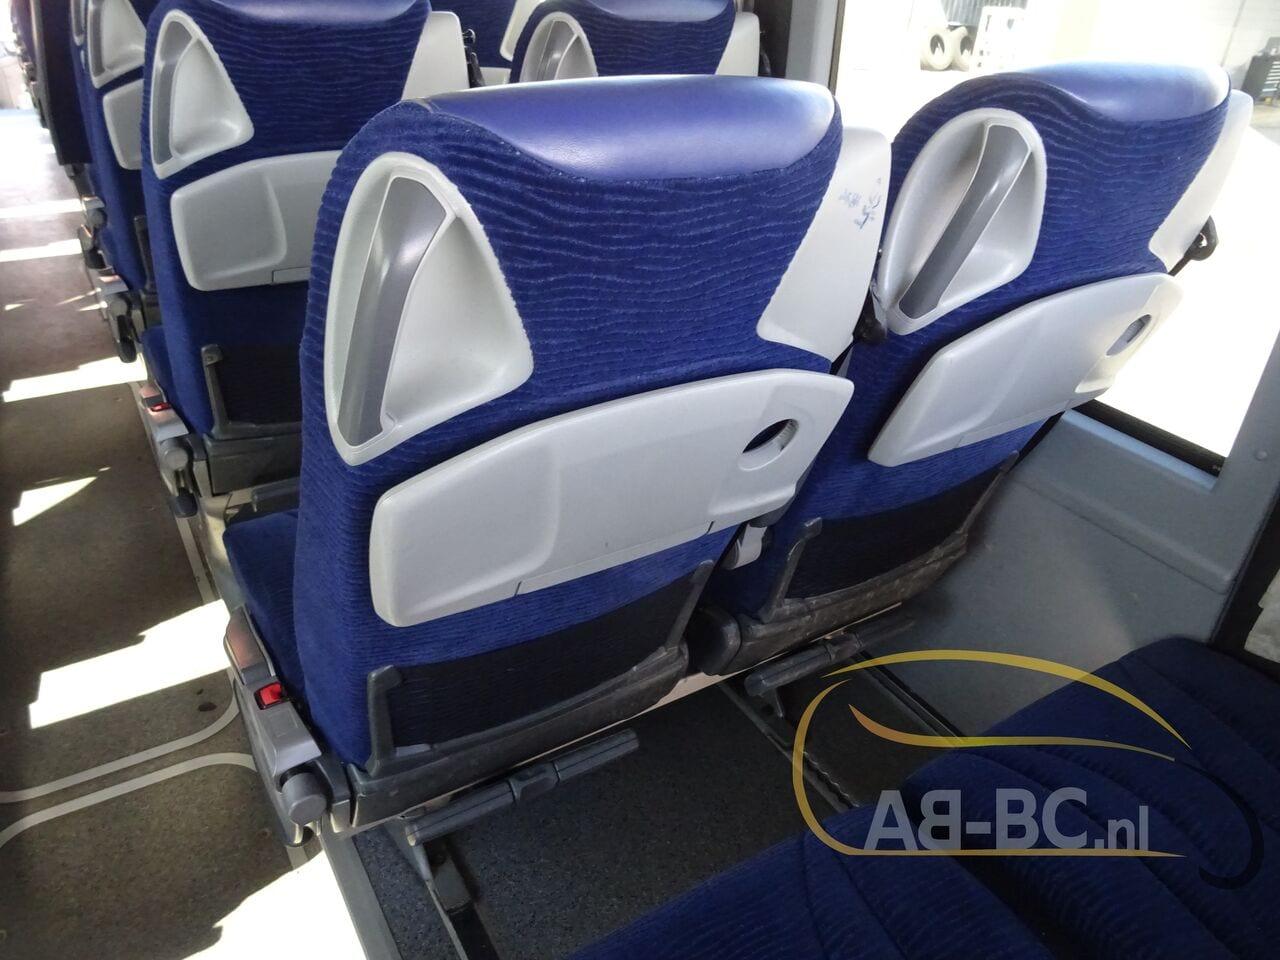 coach-busSETRA-S415-GT-HD-FINAL-EDITION-51-SEATS-LIFTBUS---1620382106670520704_big_aaa77c9a7922b906ec350c4bd2cb407a--21050713010665719300